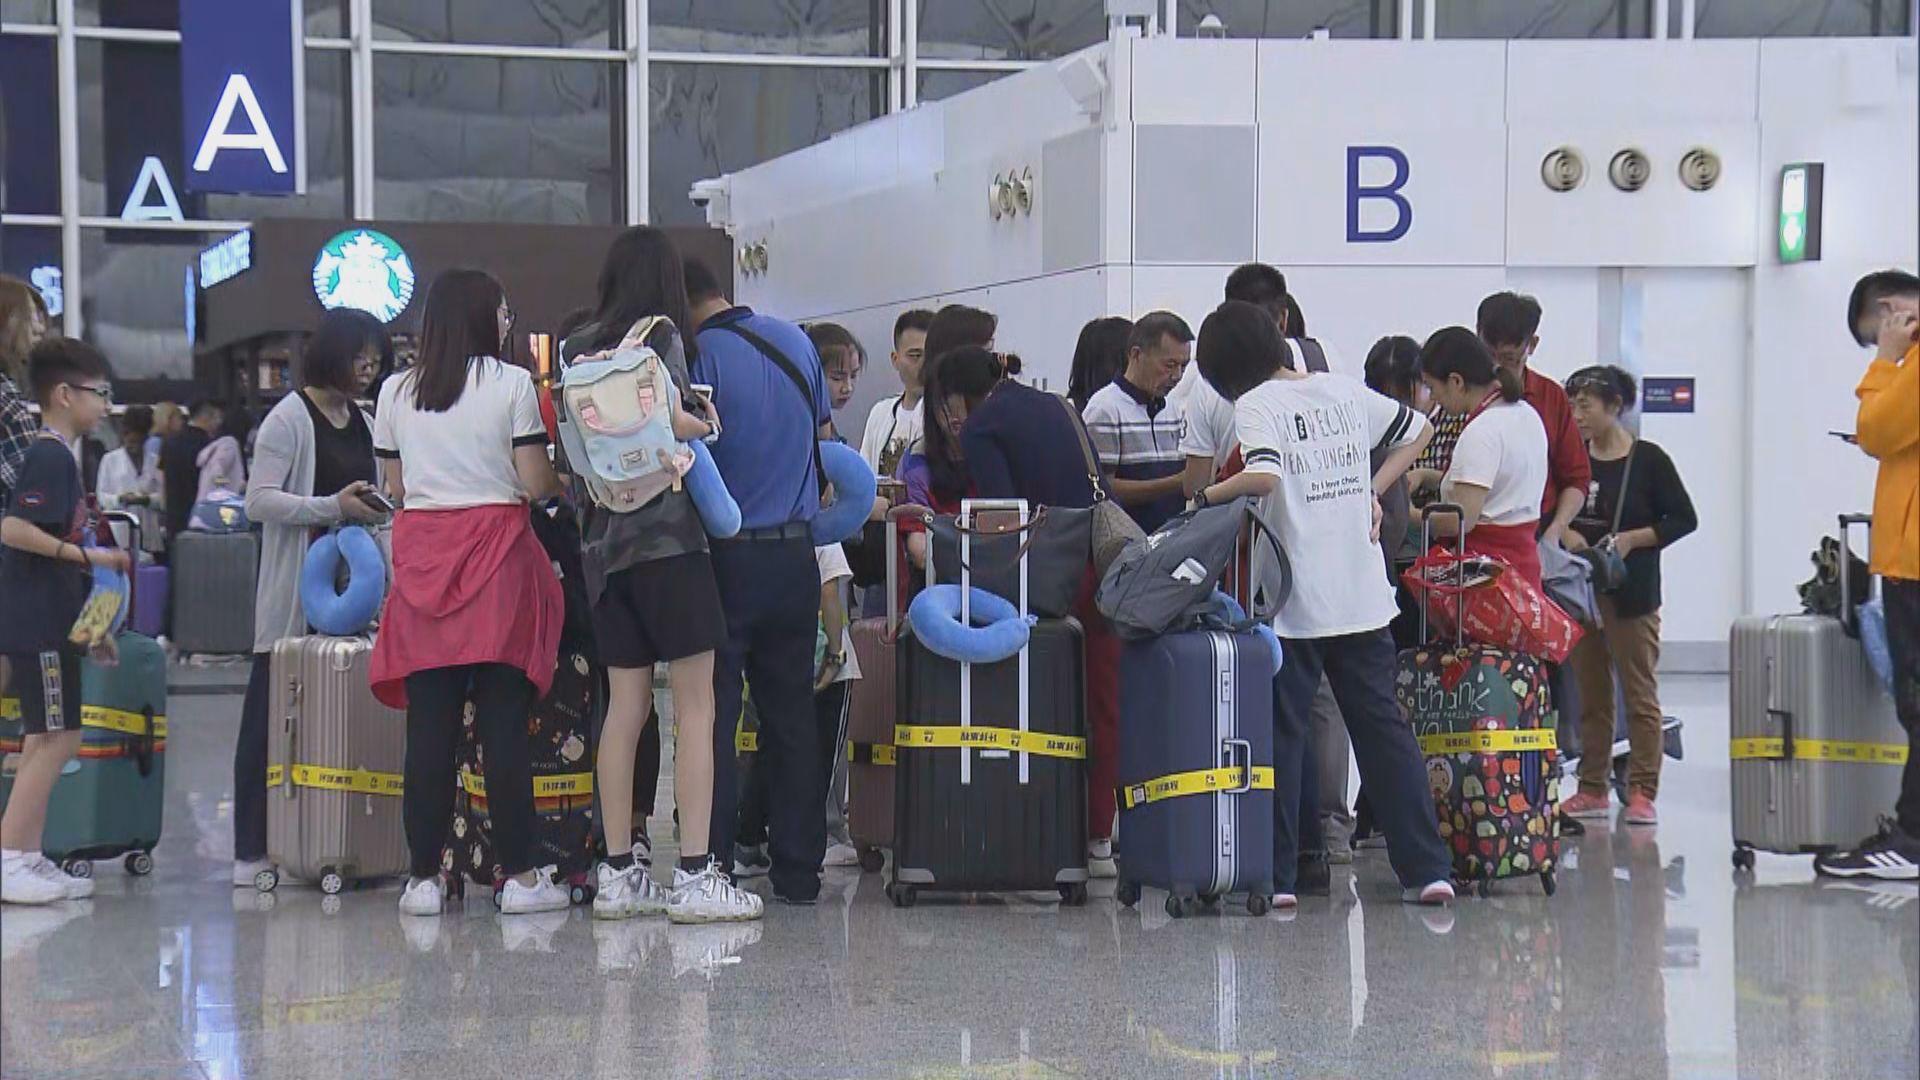 【韋帕襲港】機管局預計逾560班航班延誤